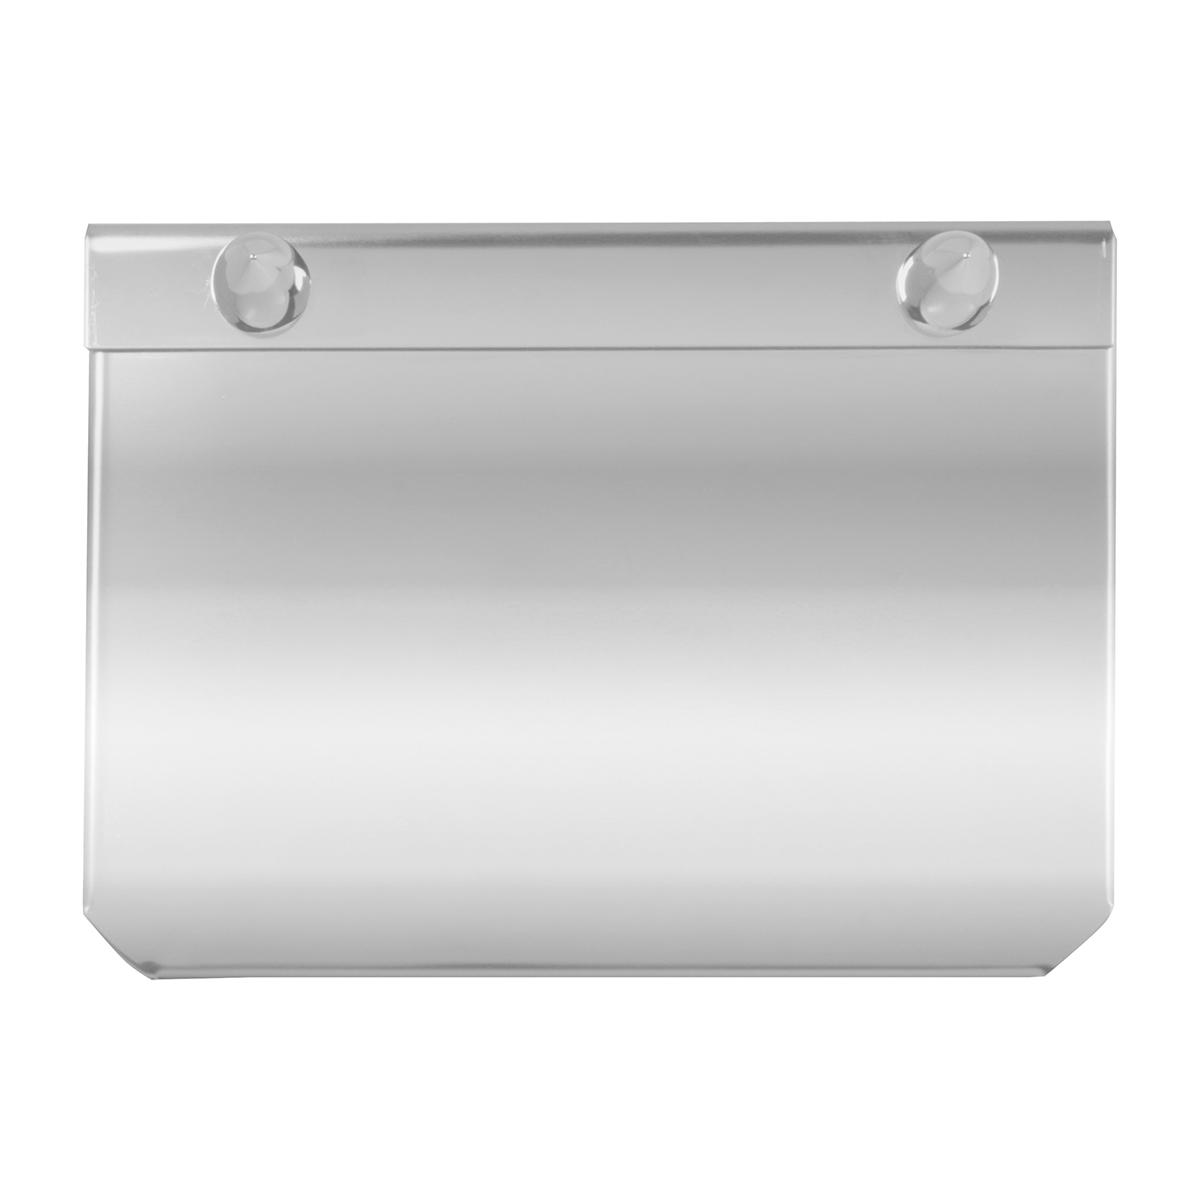 Stainless Steel Permit Sticker Holder